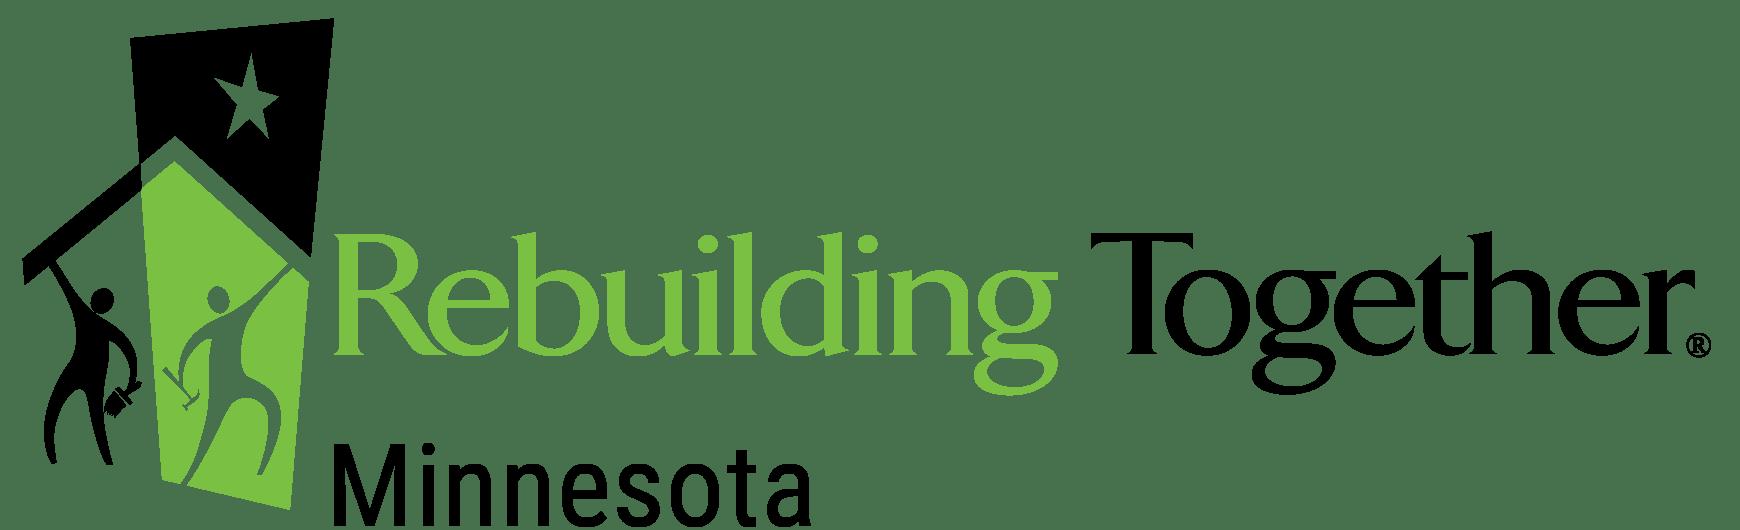 Rebuilding Together Minnesota